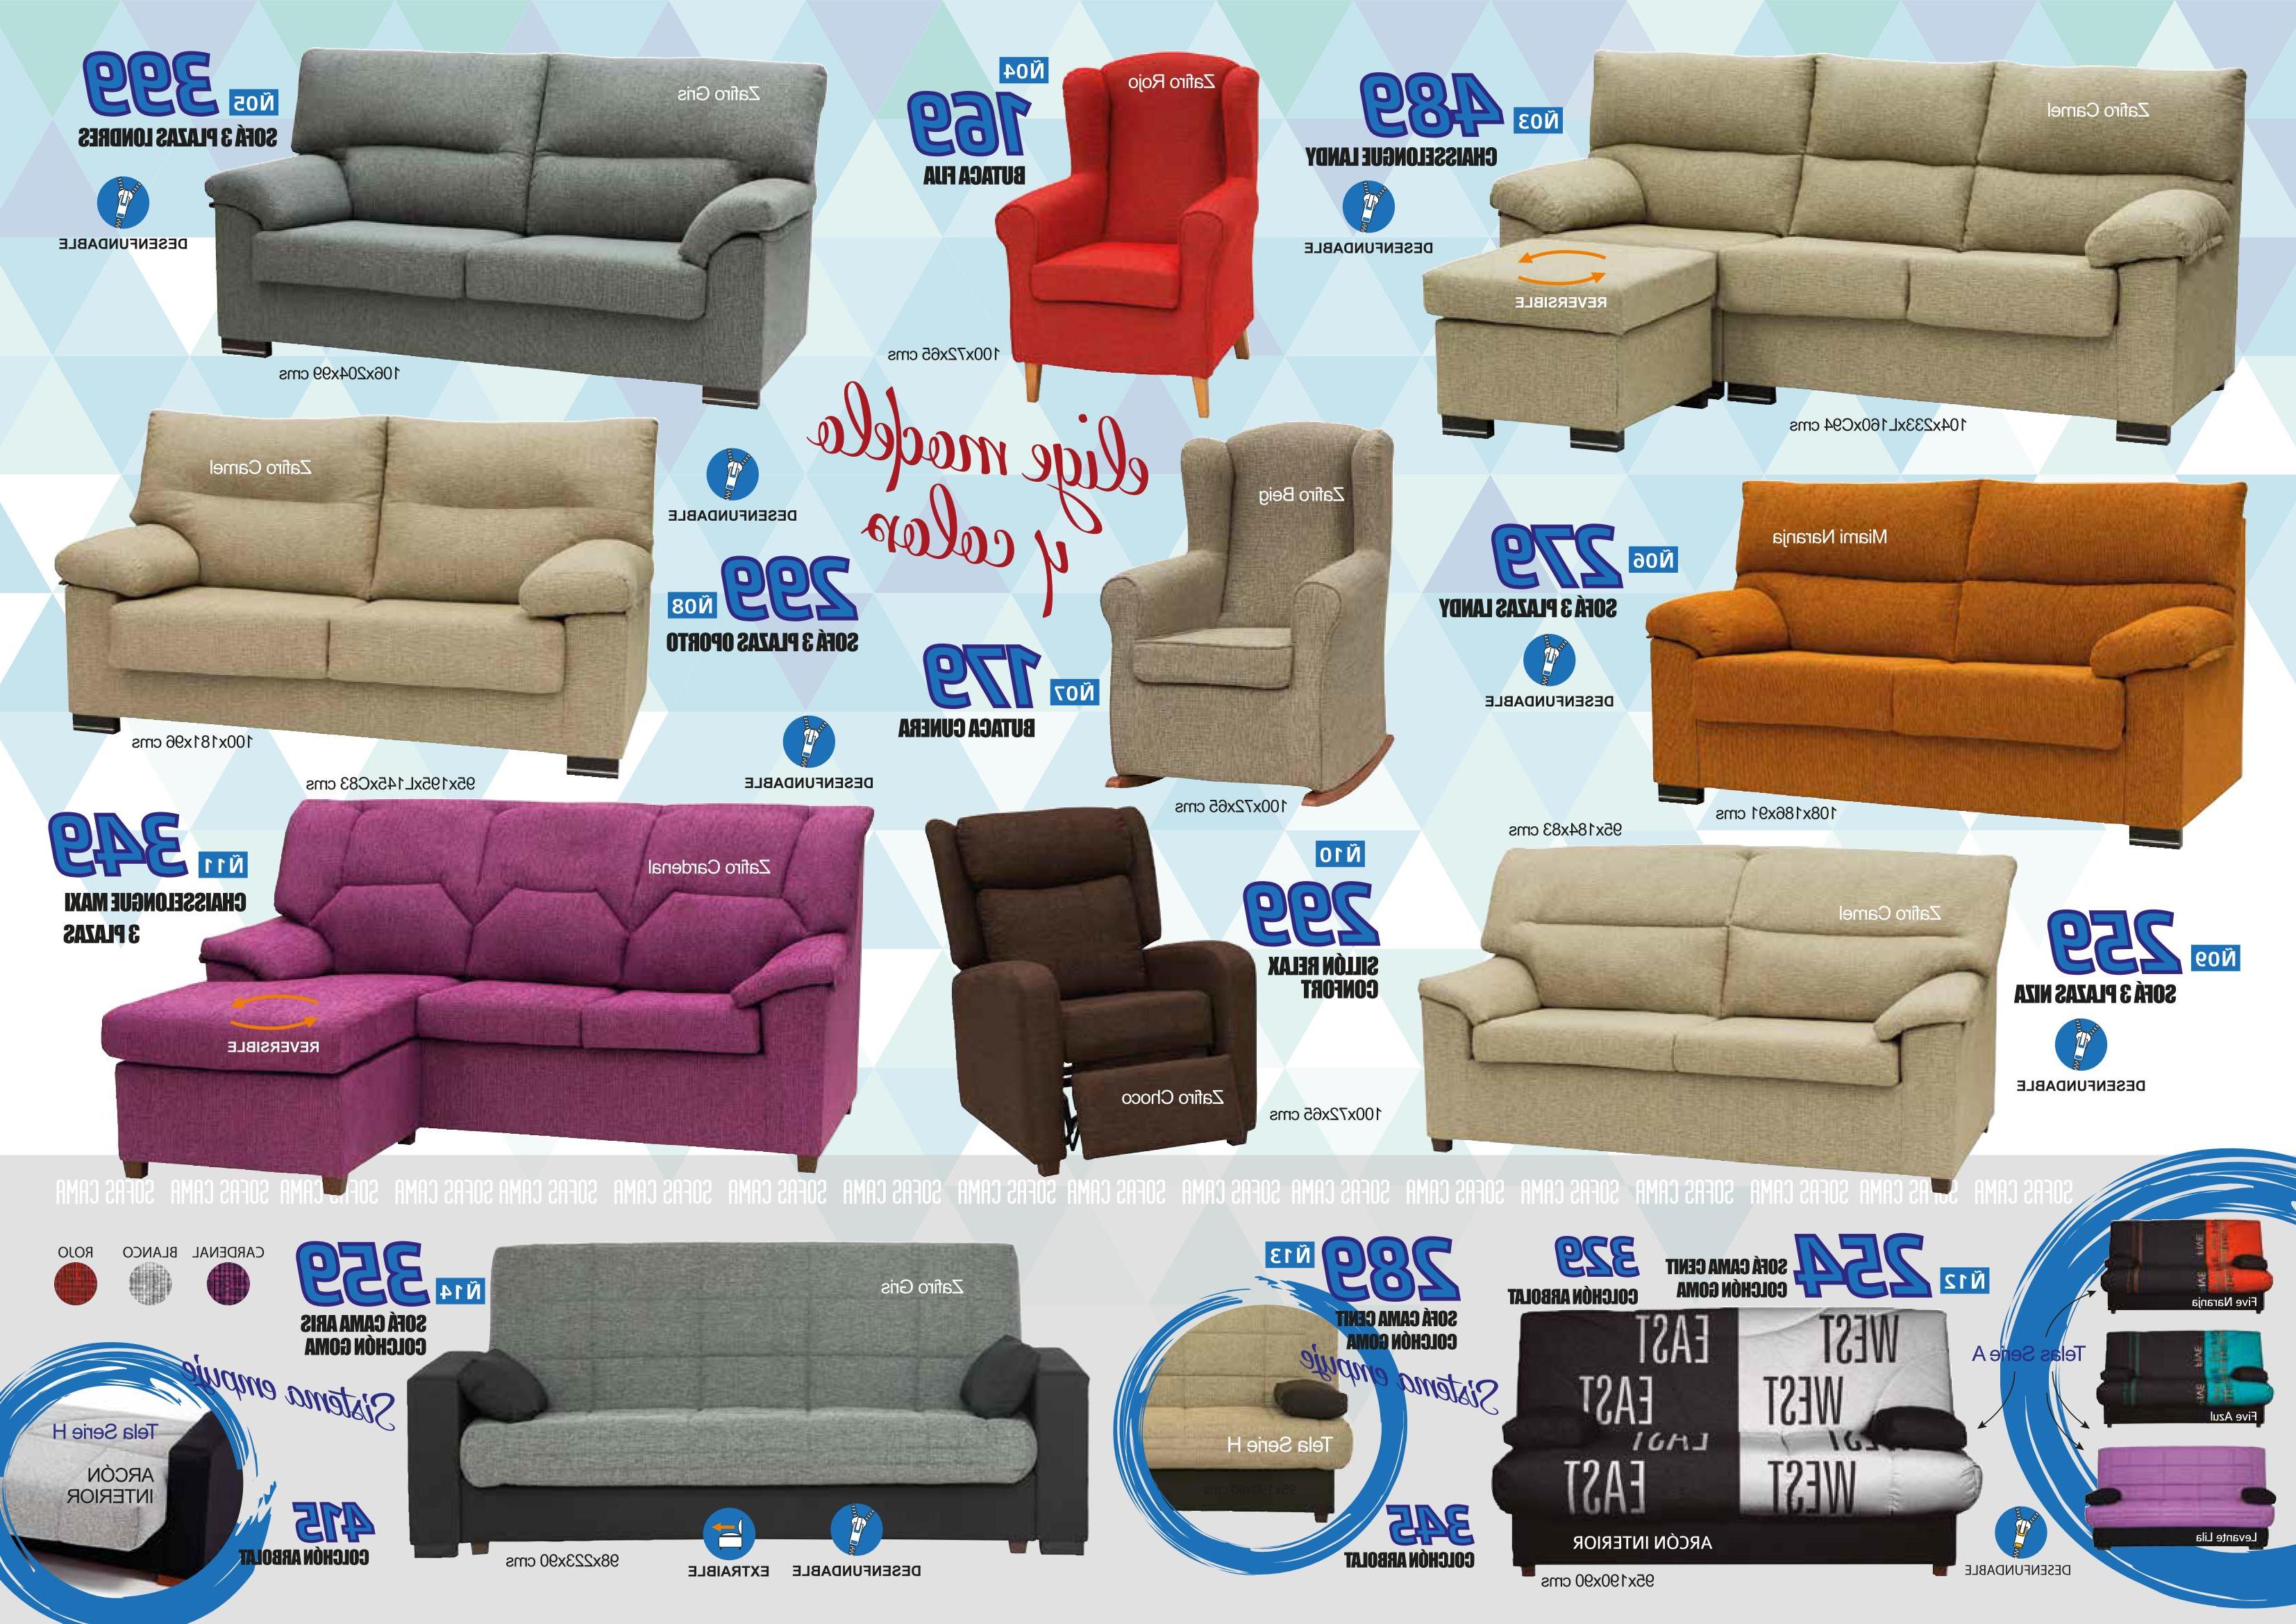 Muebles Oferta Irdz Oferta Muebles 3 Muebles Viblas Tienda En Valencia Mueble De